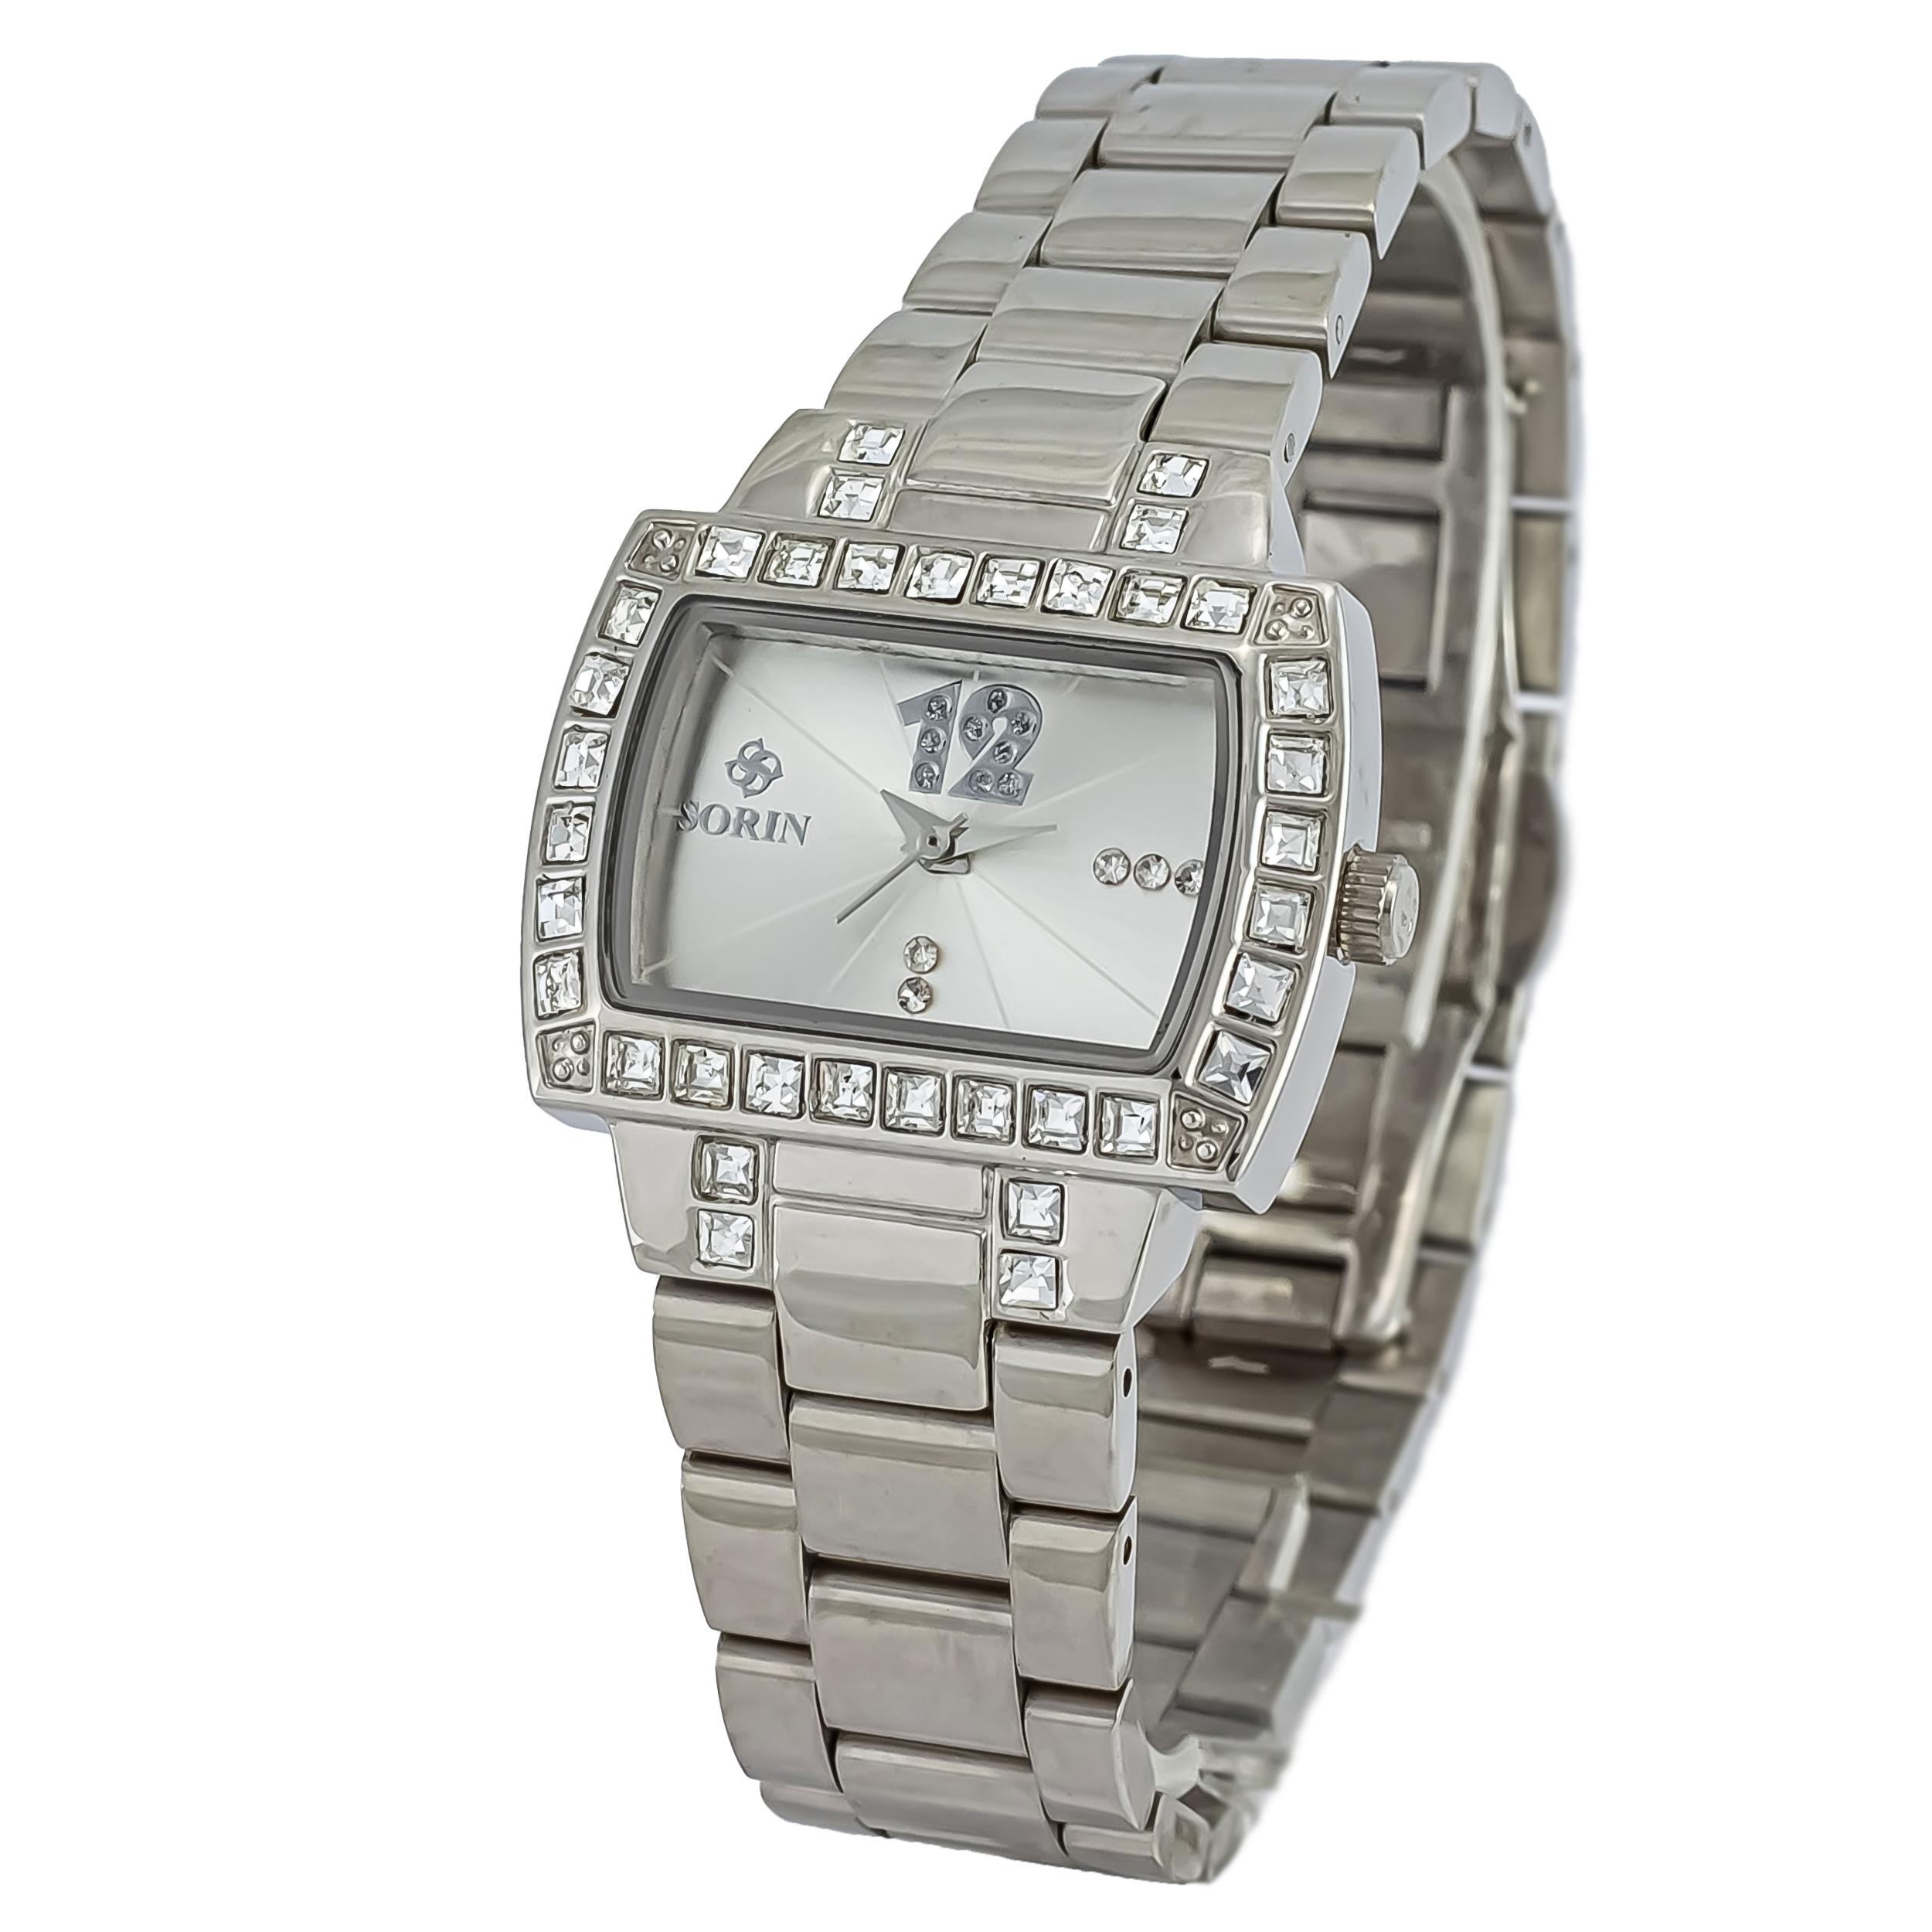 ساعت مچی عقربه ای زنانه سورین مدل SS0407L              ارزان